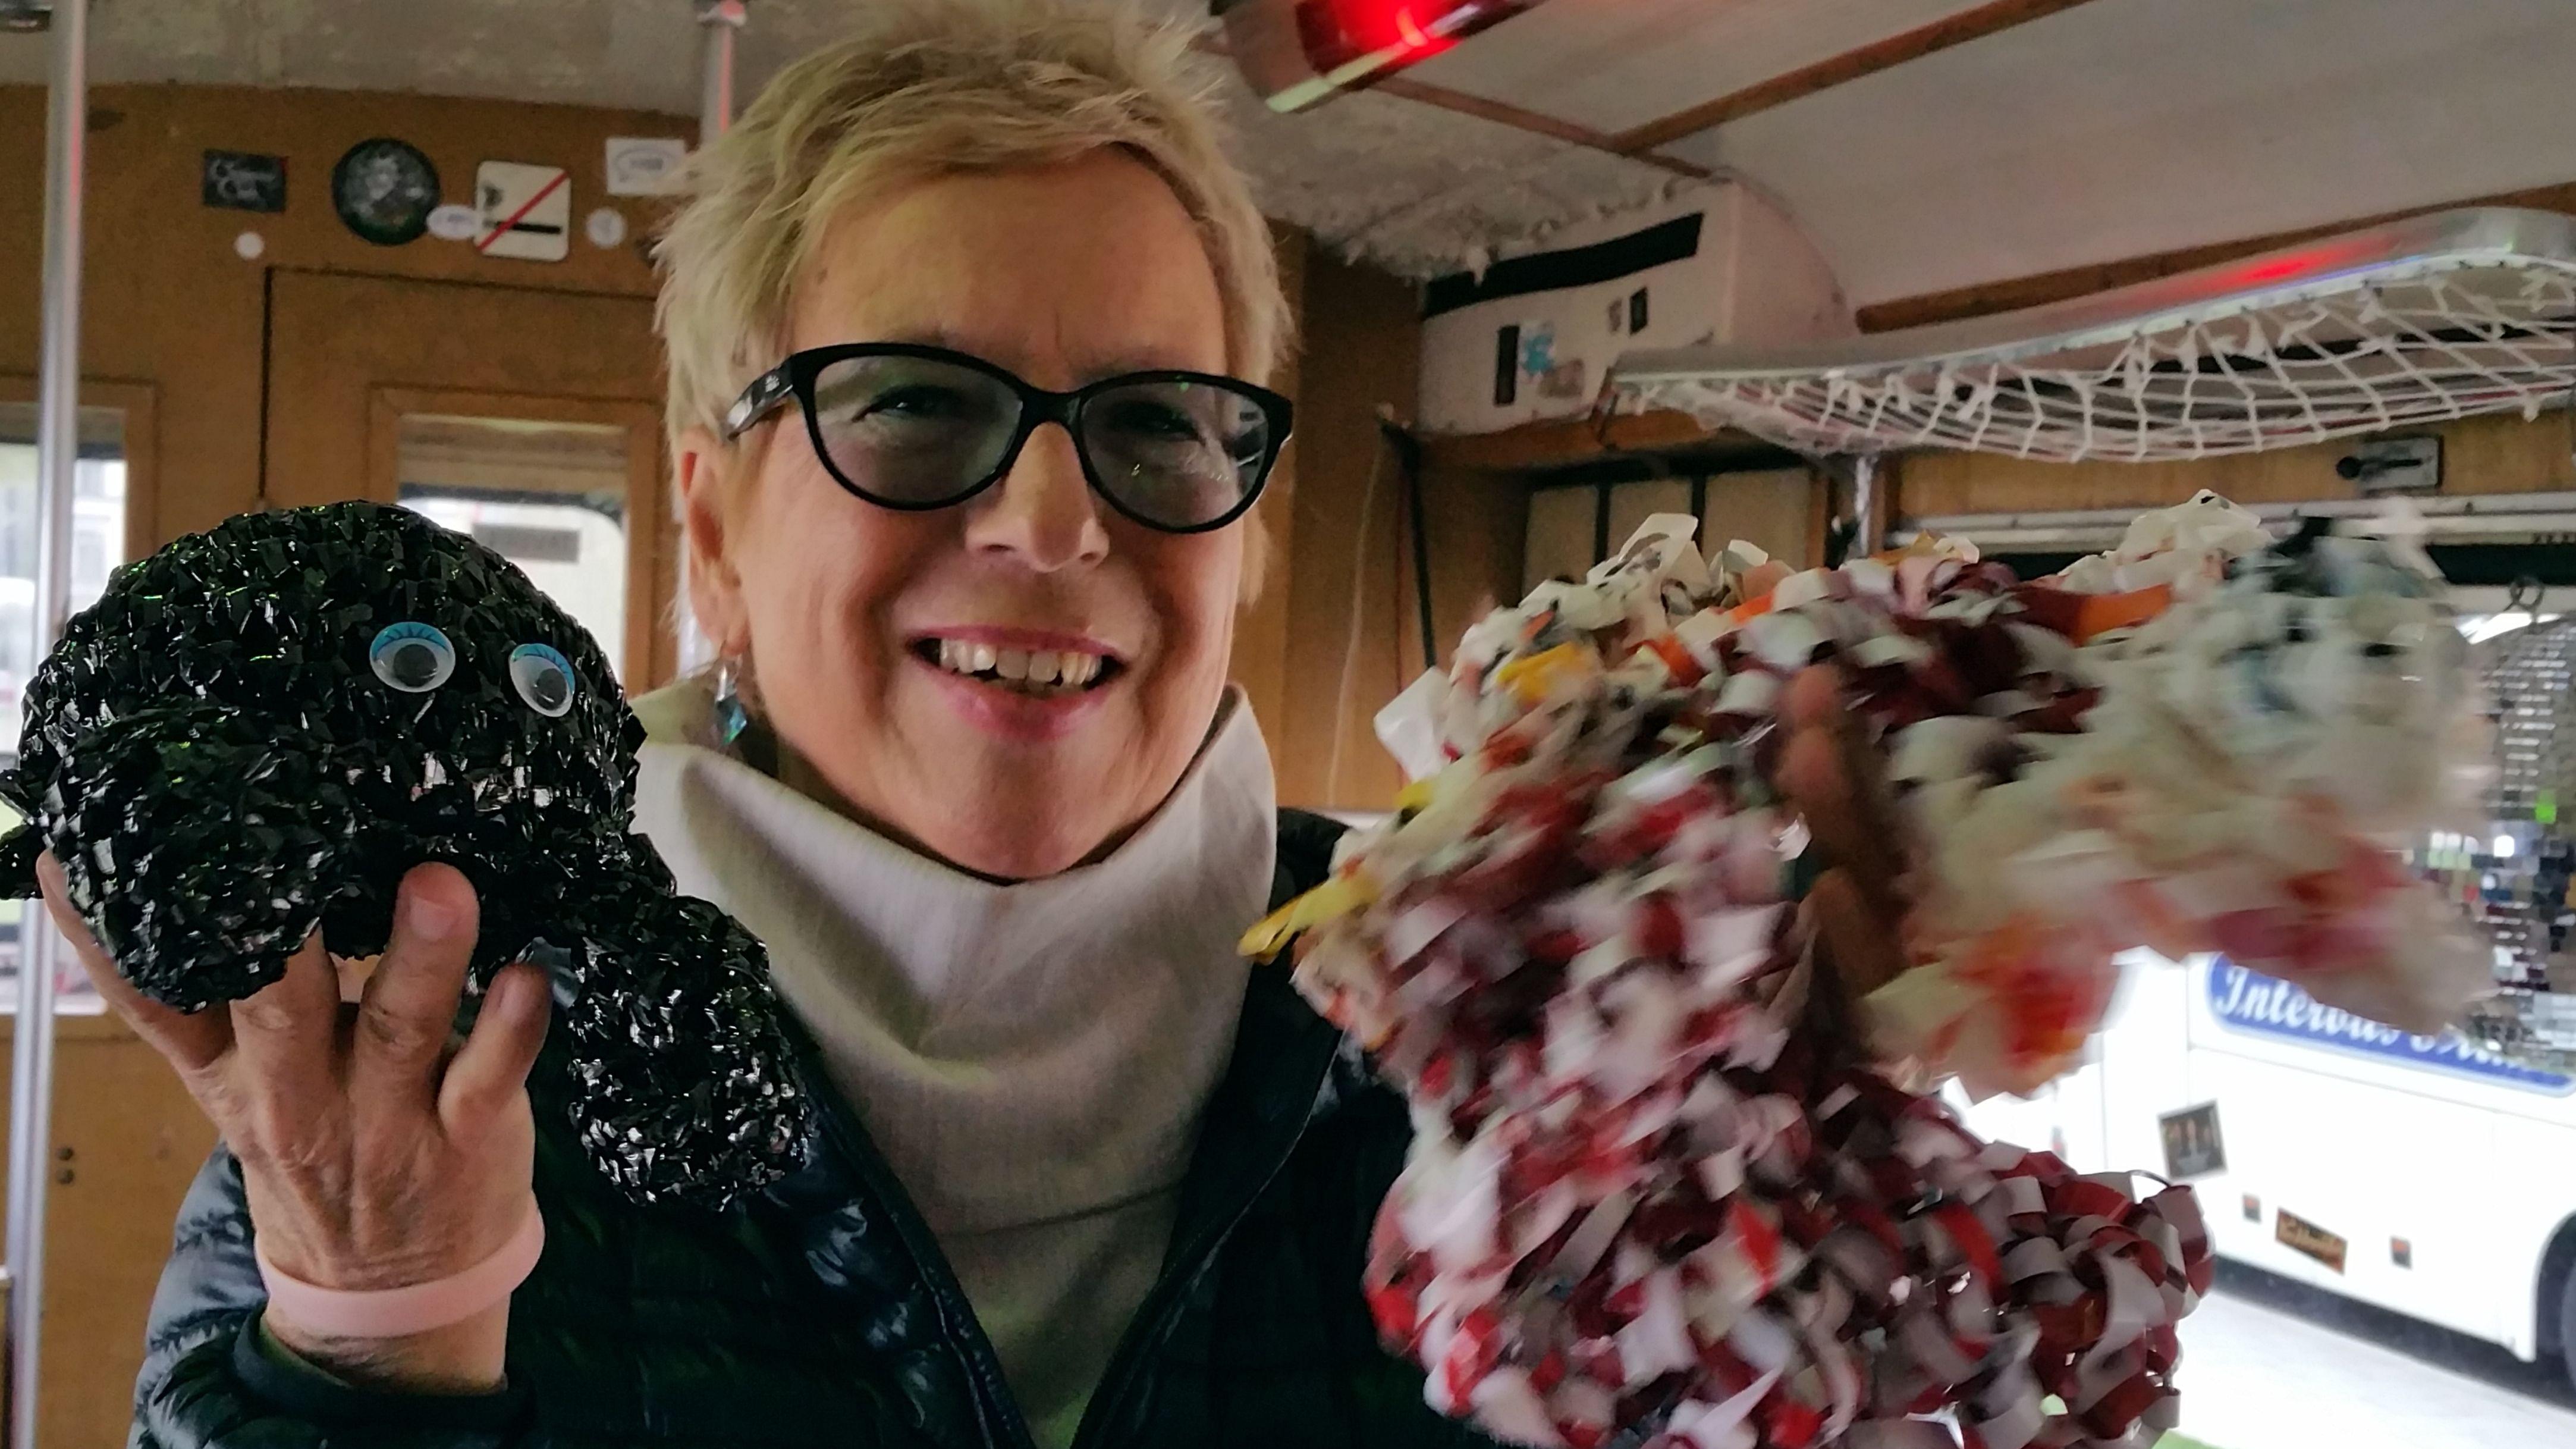 Die Filmemacherin Doris Dörrie hält zwei aus Plastik gehäkelte Objekte in die Kamera